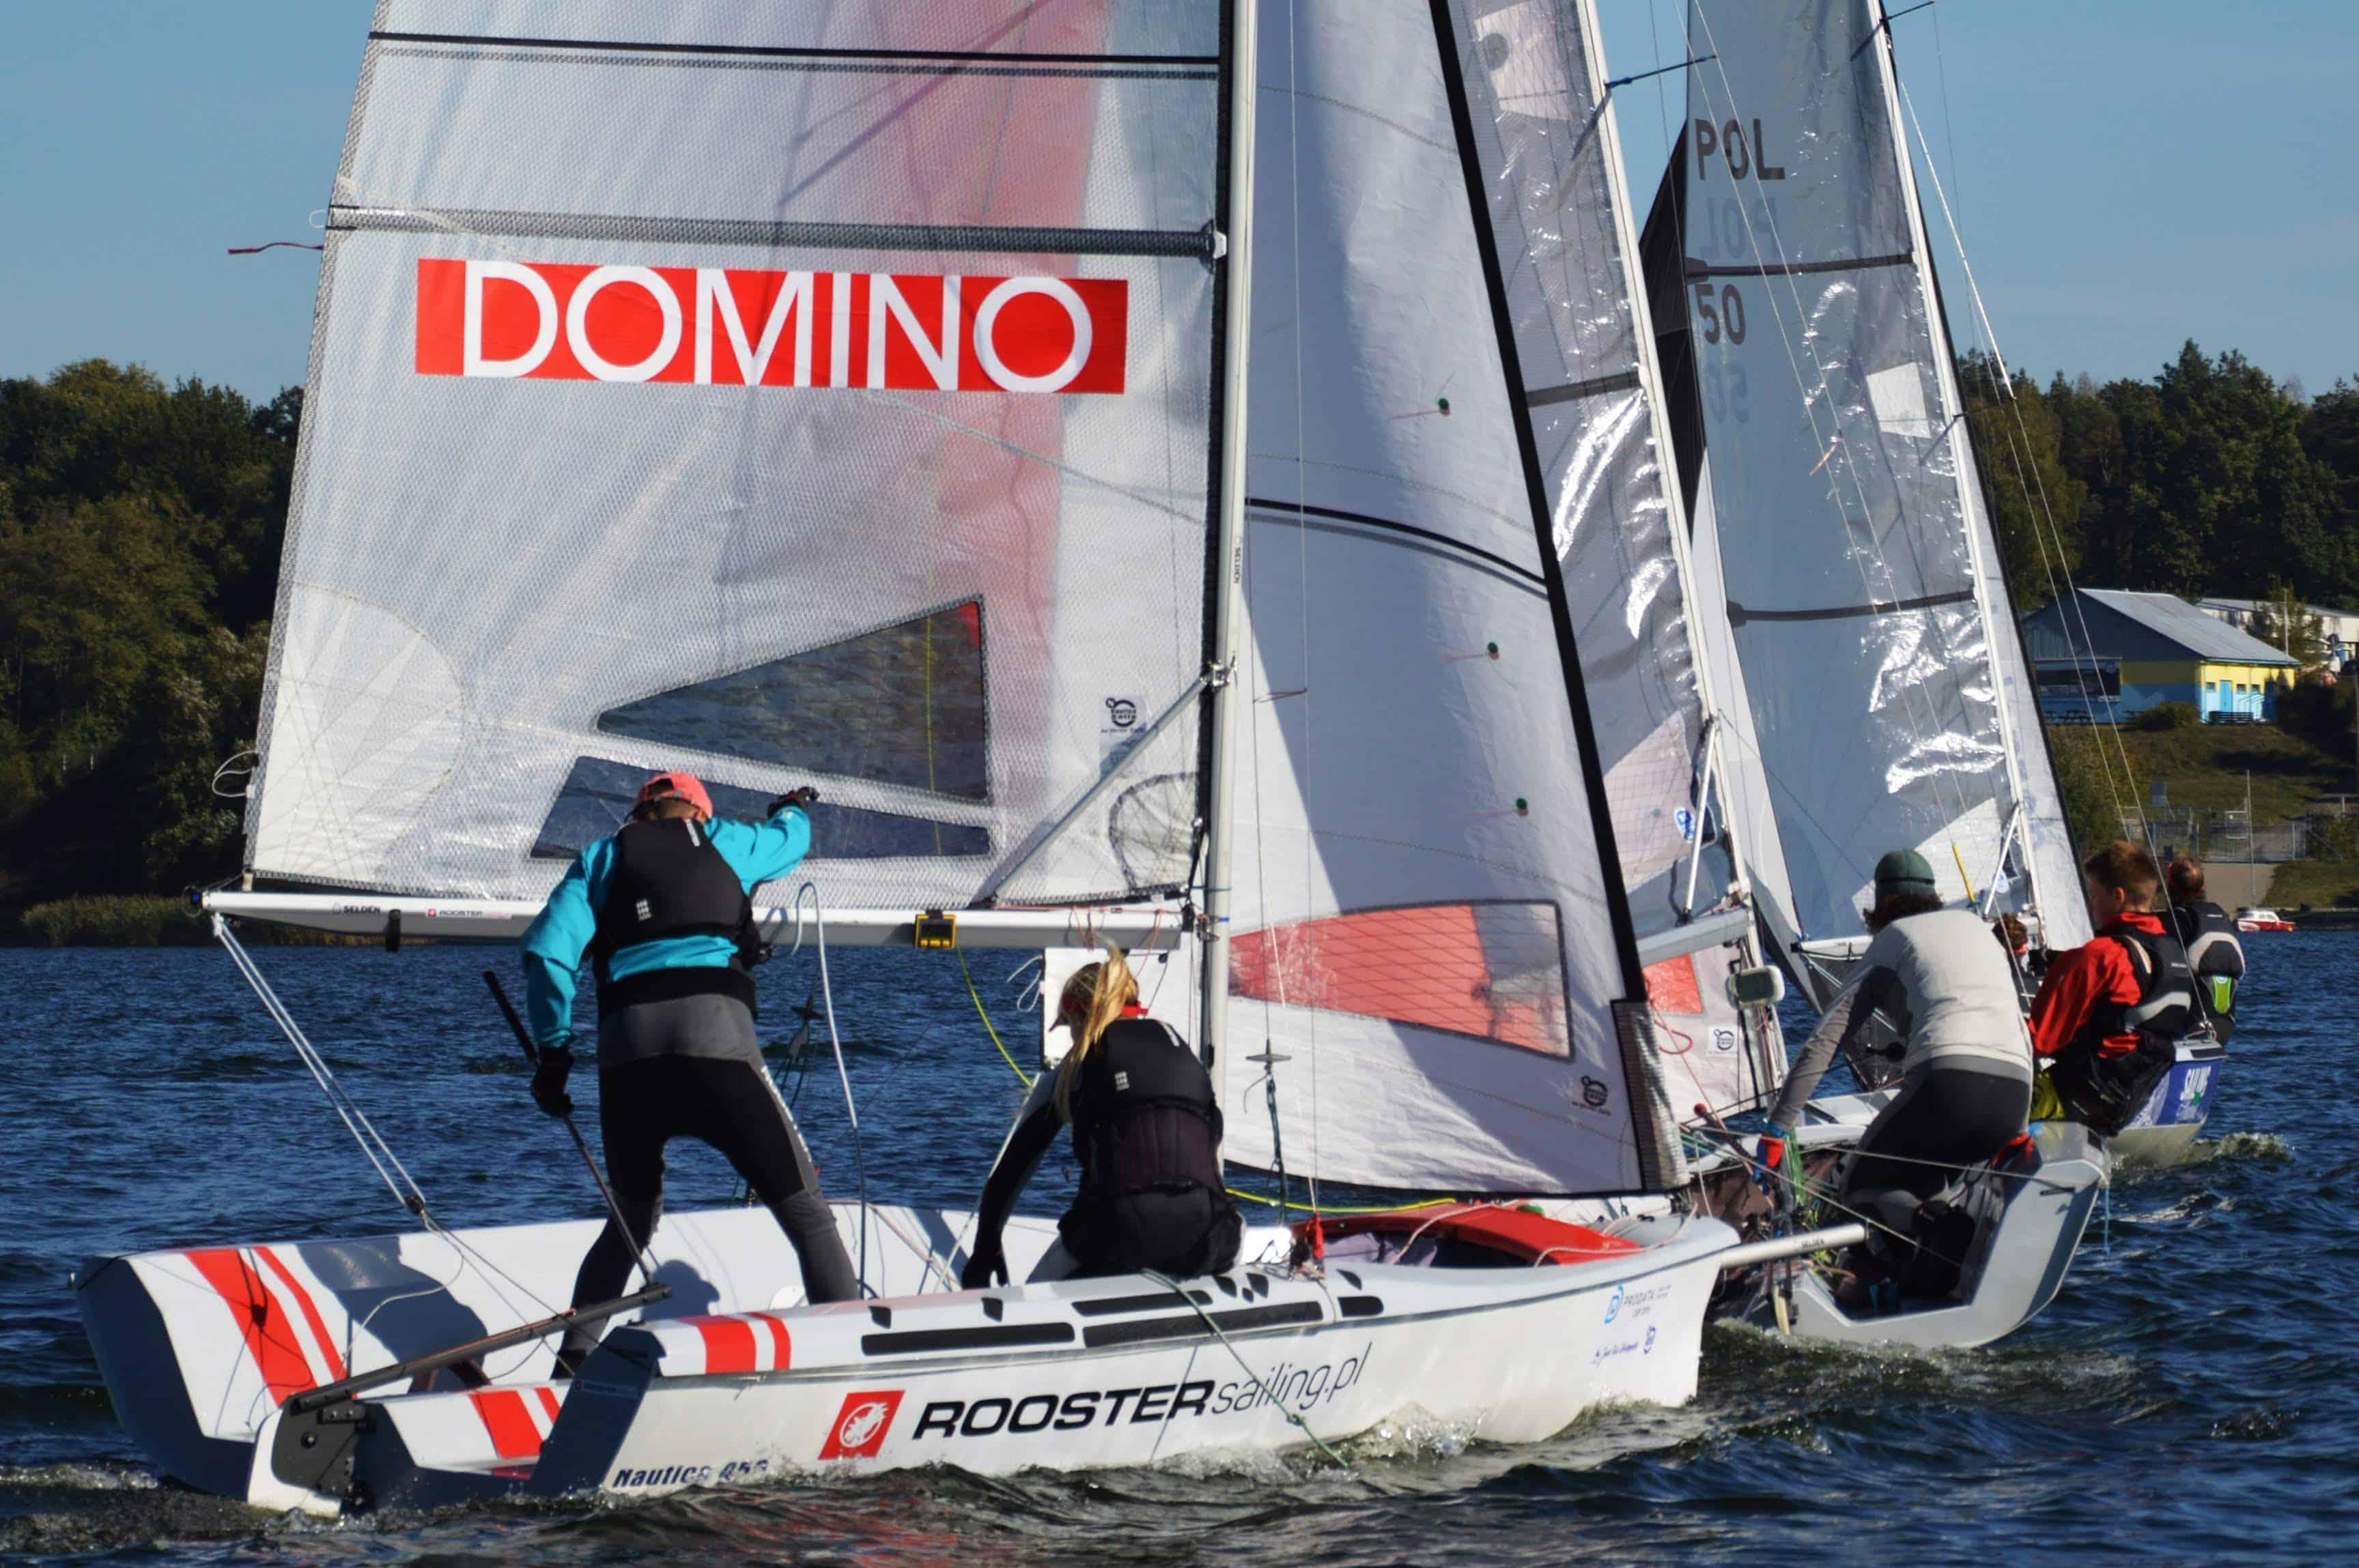 Puchar Polski Nautica 450 rozstrzygnięty!